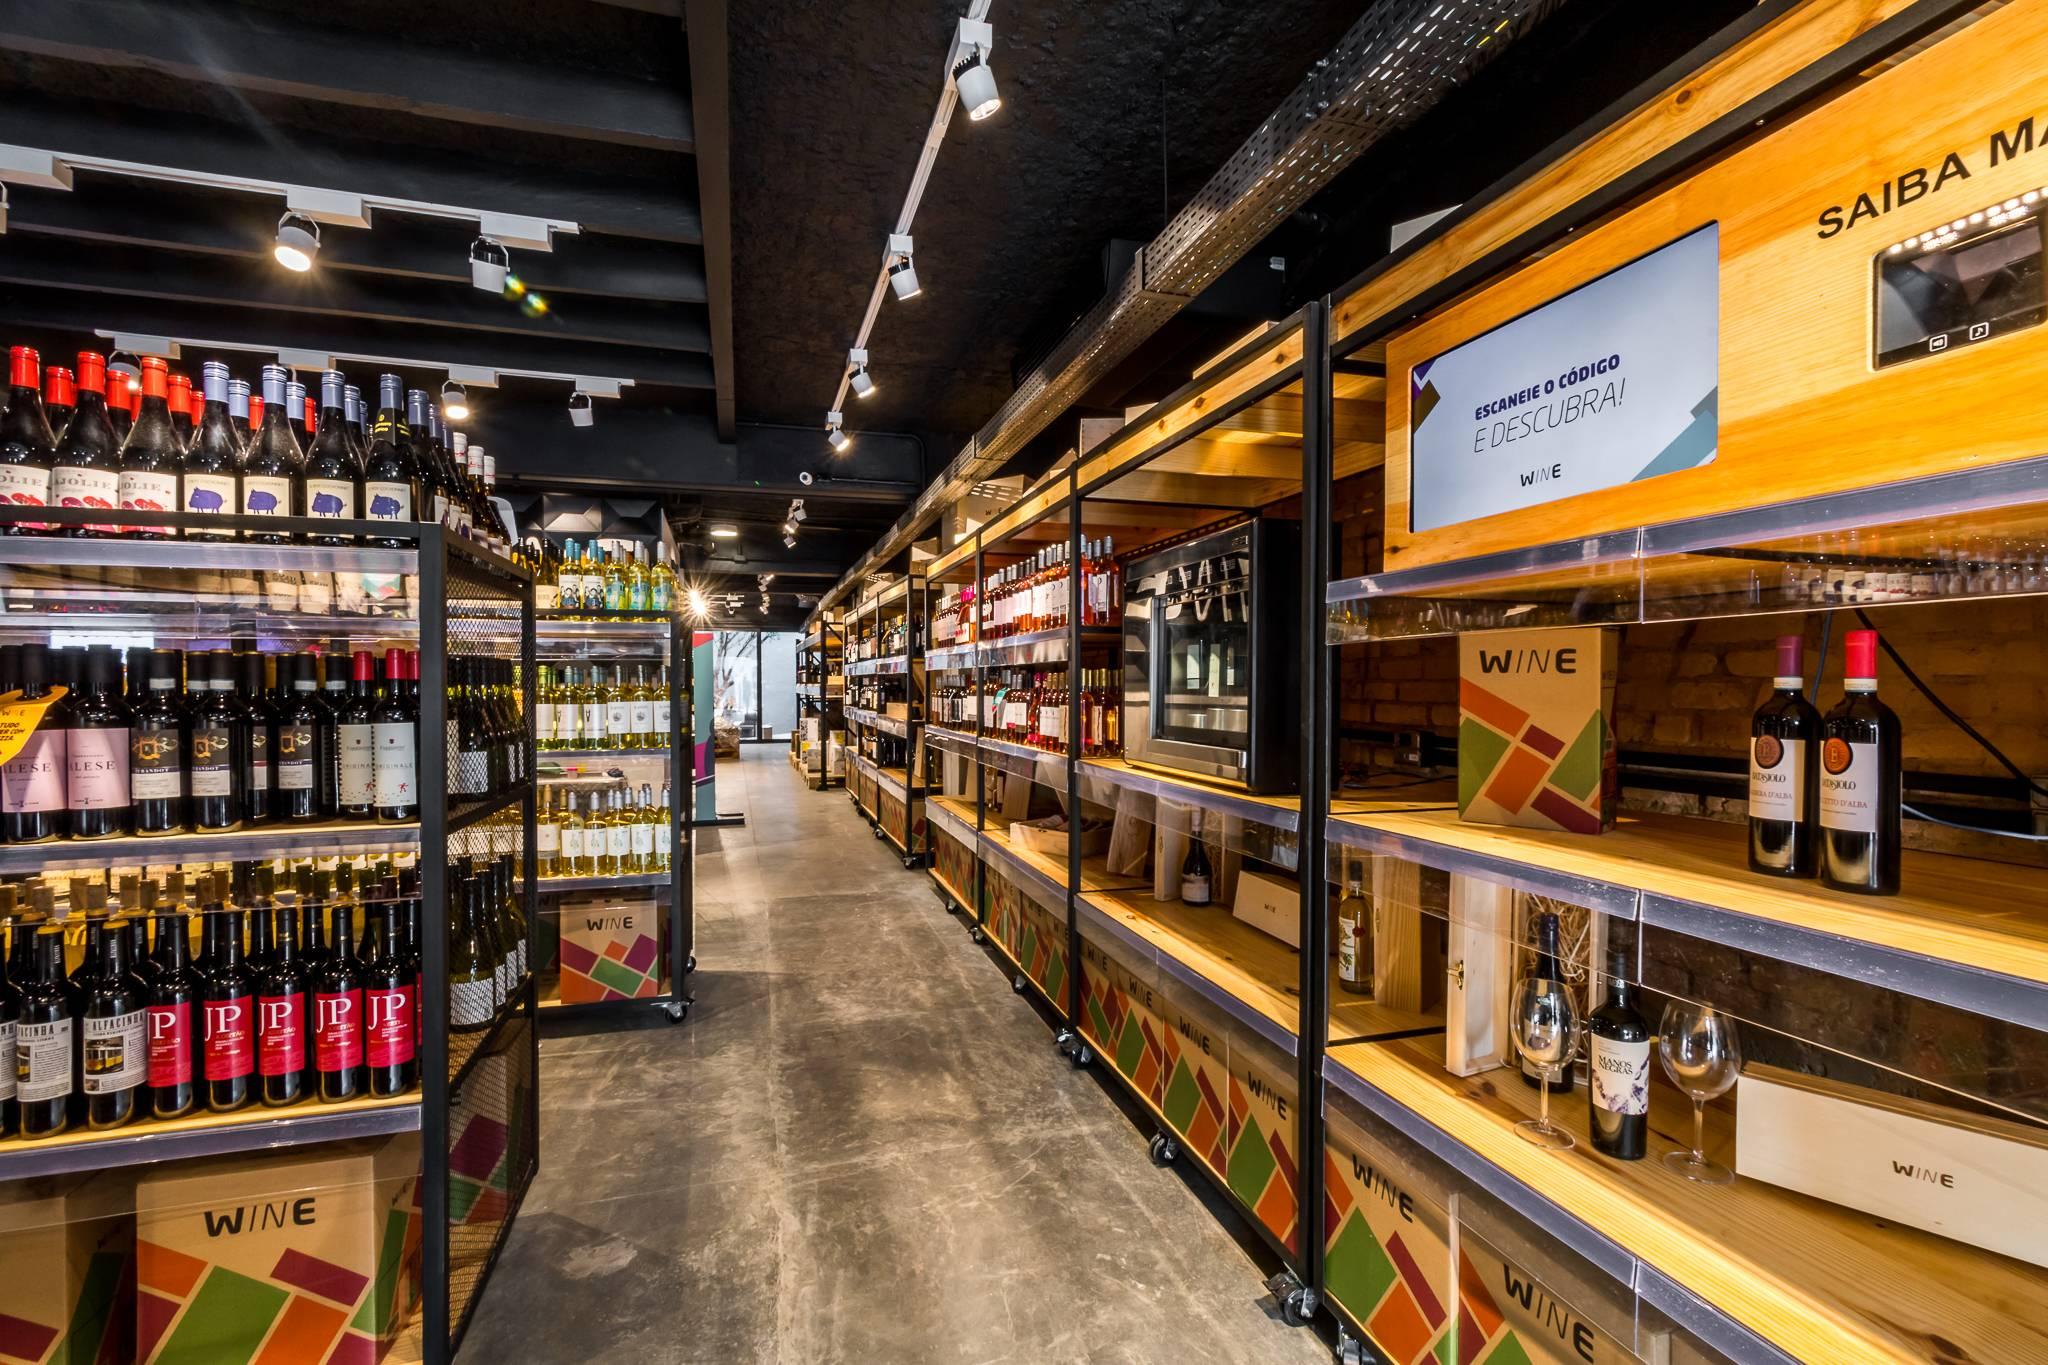 Centro de Distribuição Wine